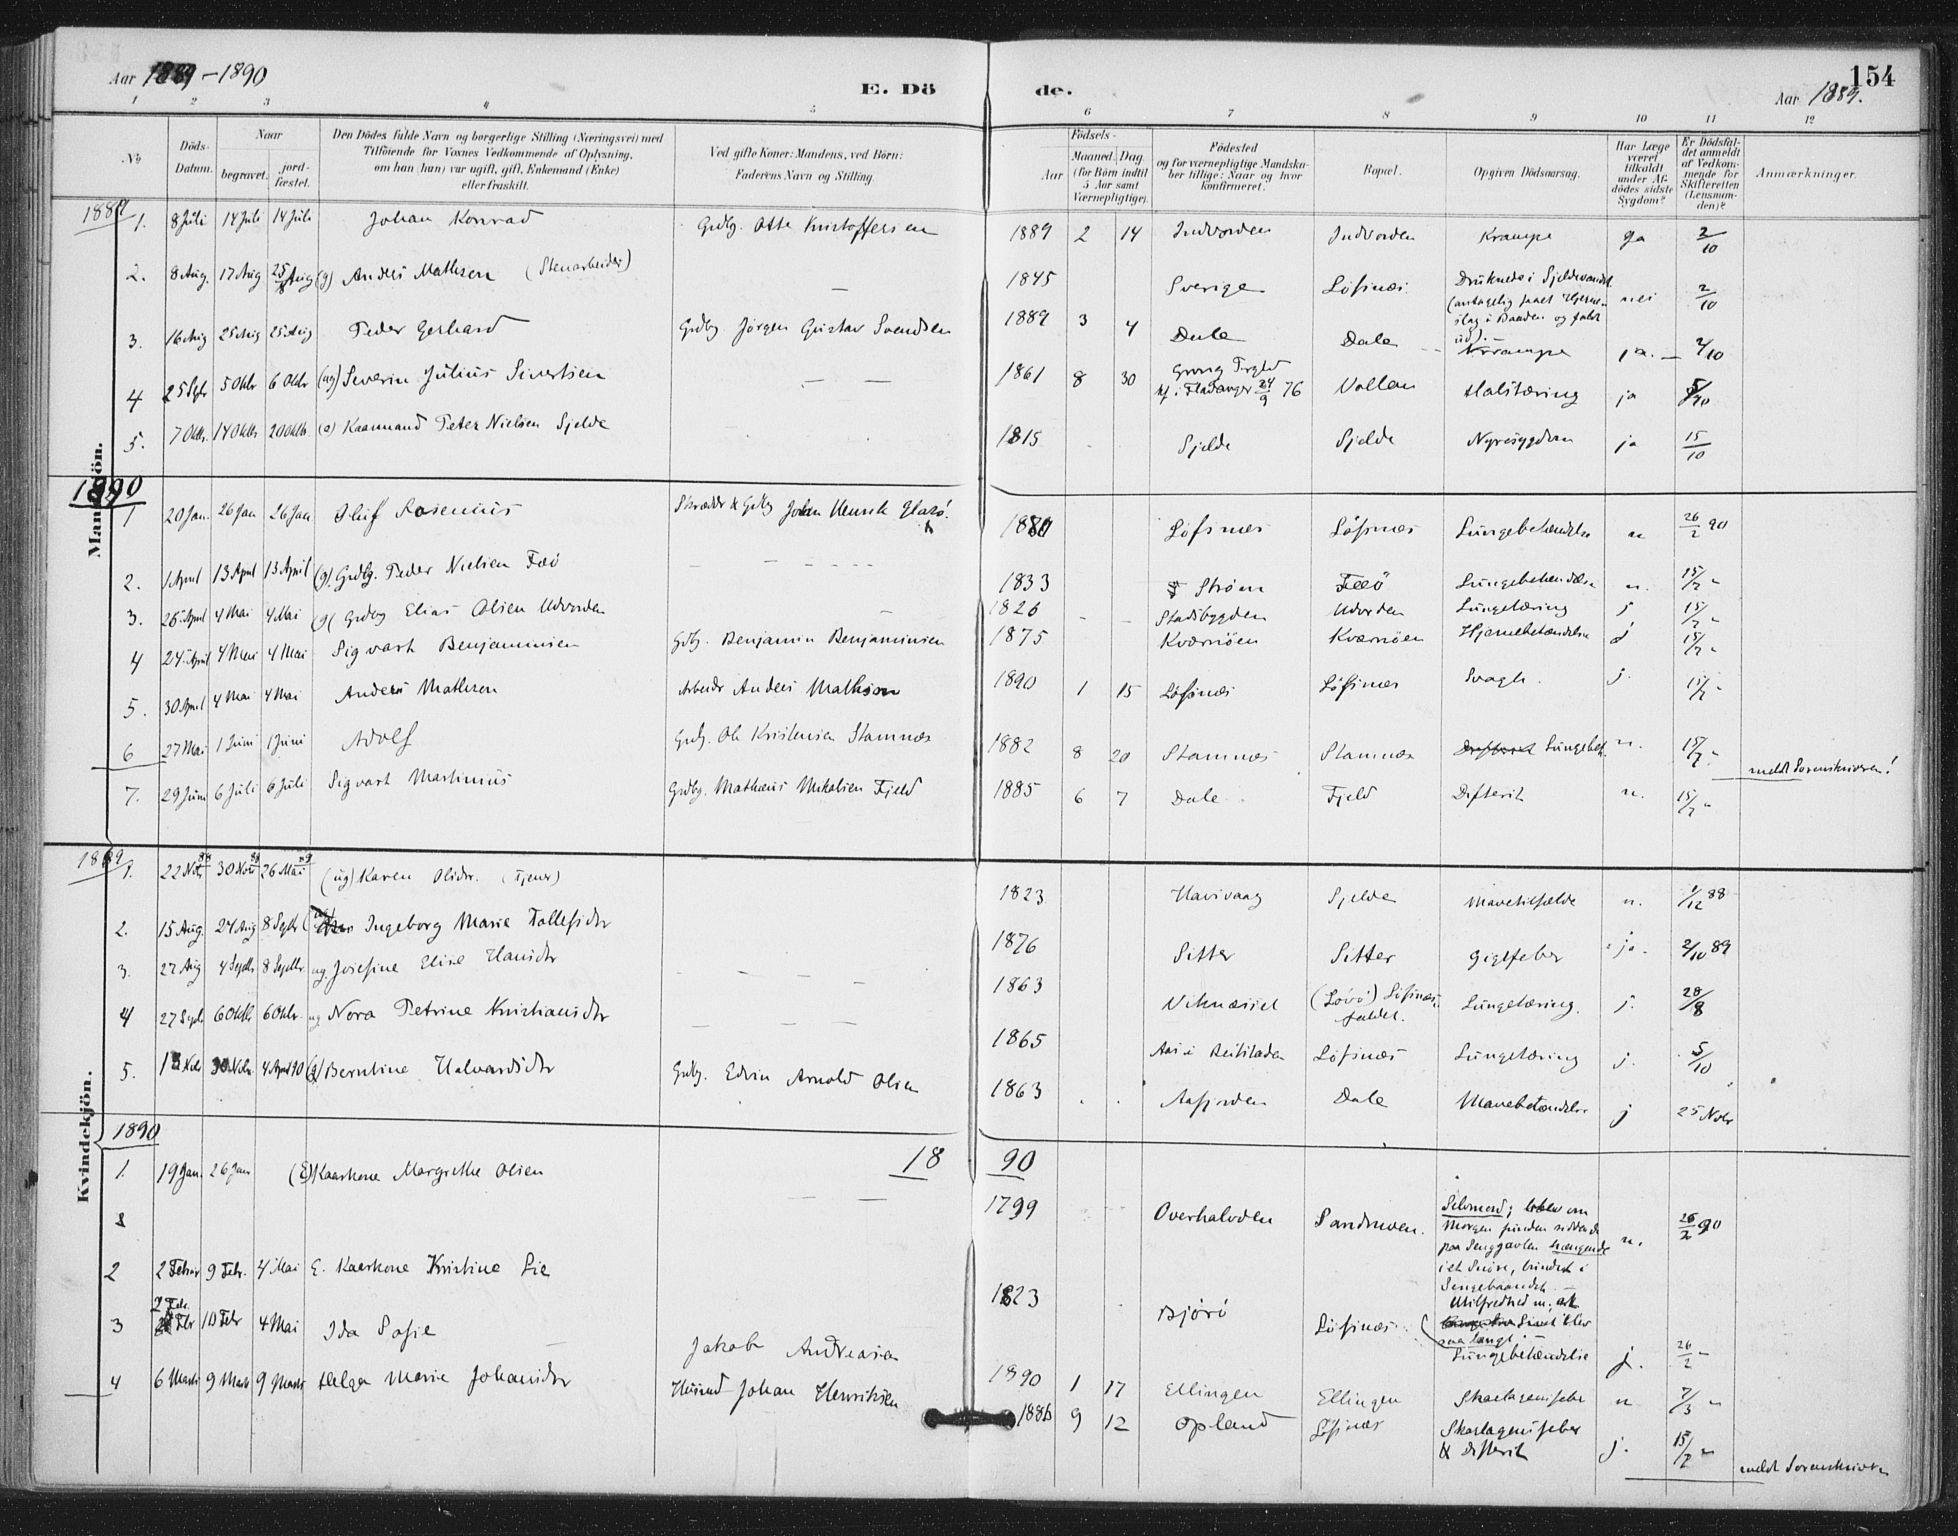 SAT, Ministerialprotokoller, klokkerbøker og fødselsregistre - Nord-Trøndelag, 772/L0603: Ministerialbok nr. 772A01, 1885-1912, s. 154